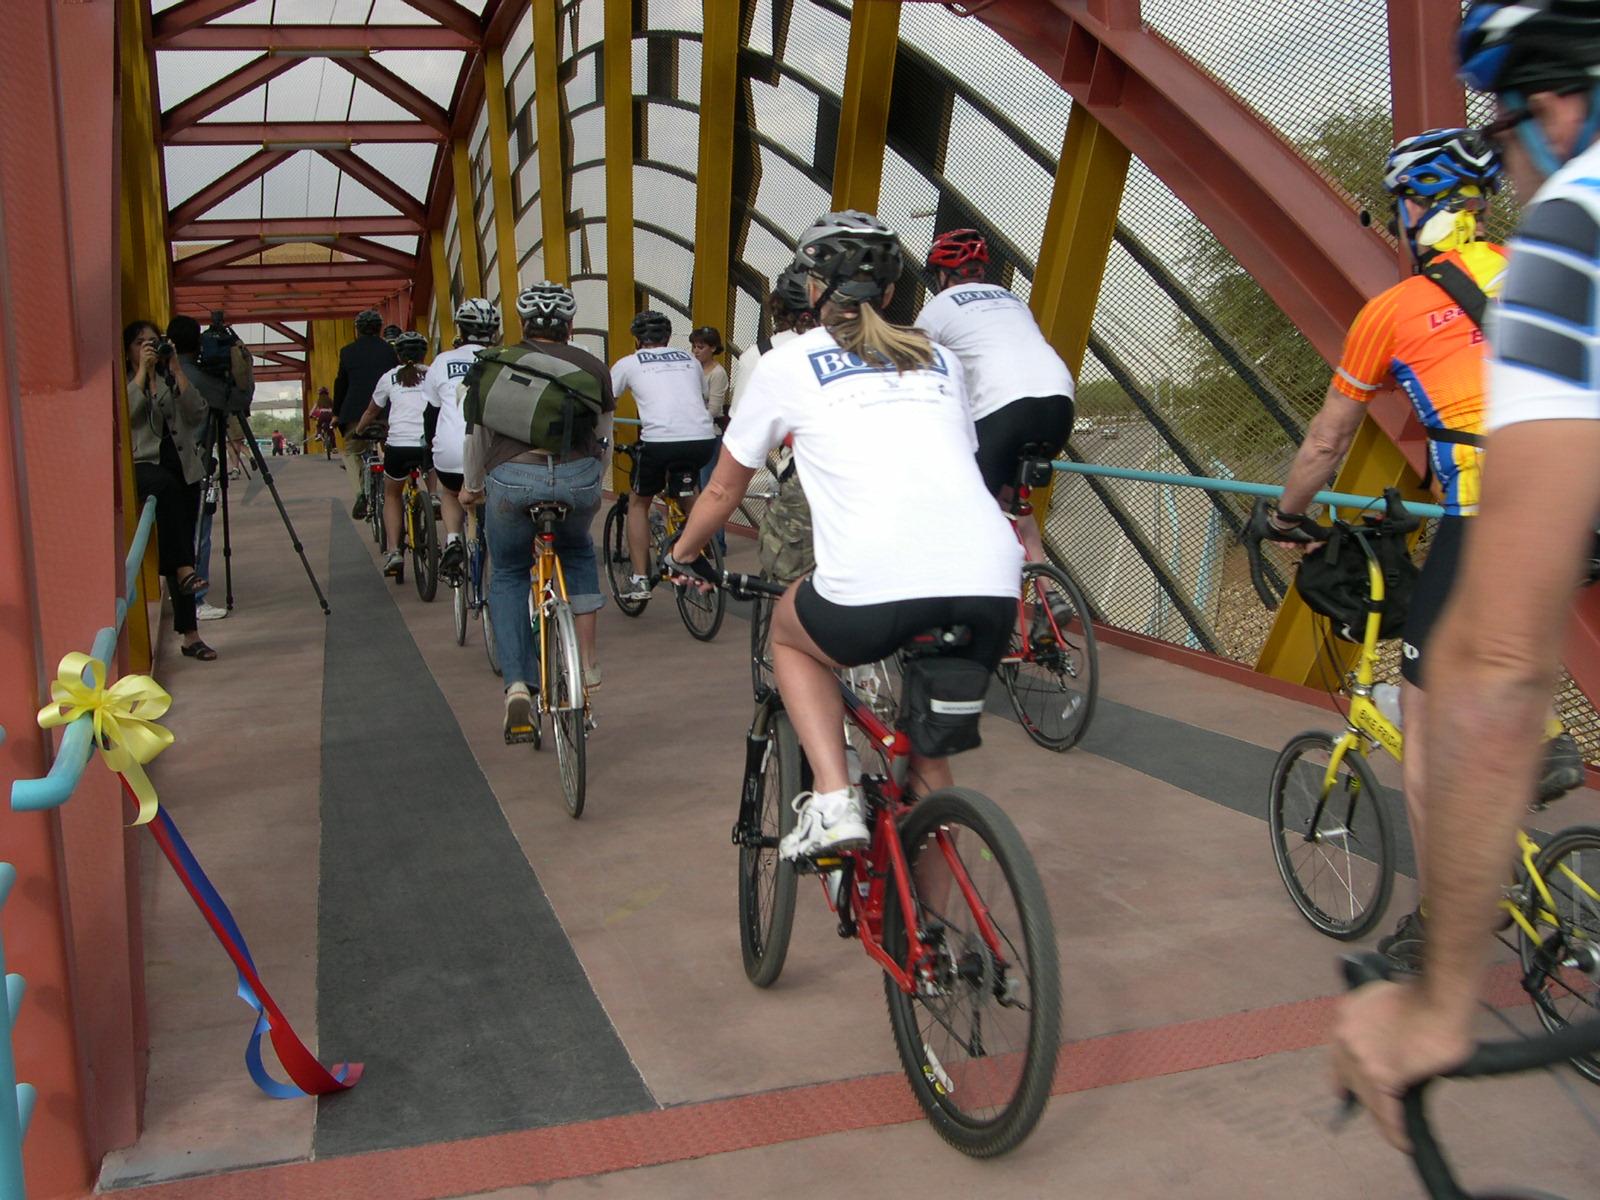 basket-bridge-bikers2.jpg